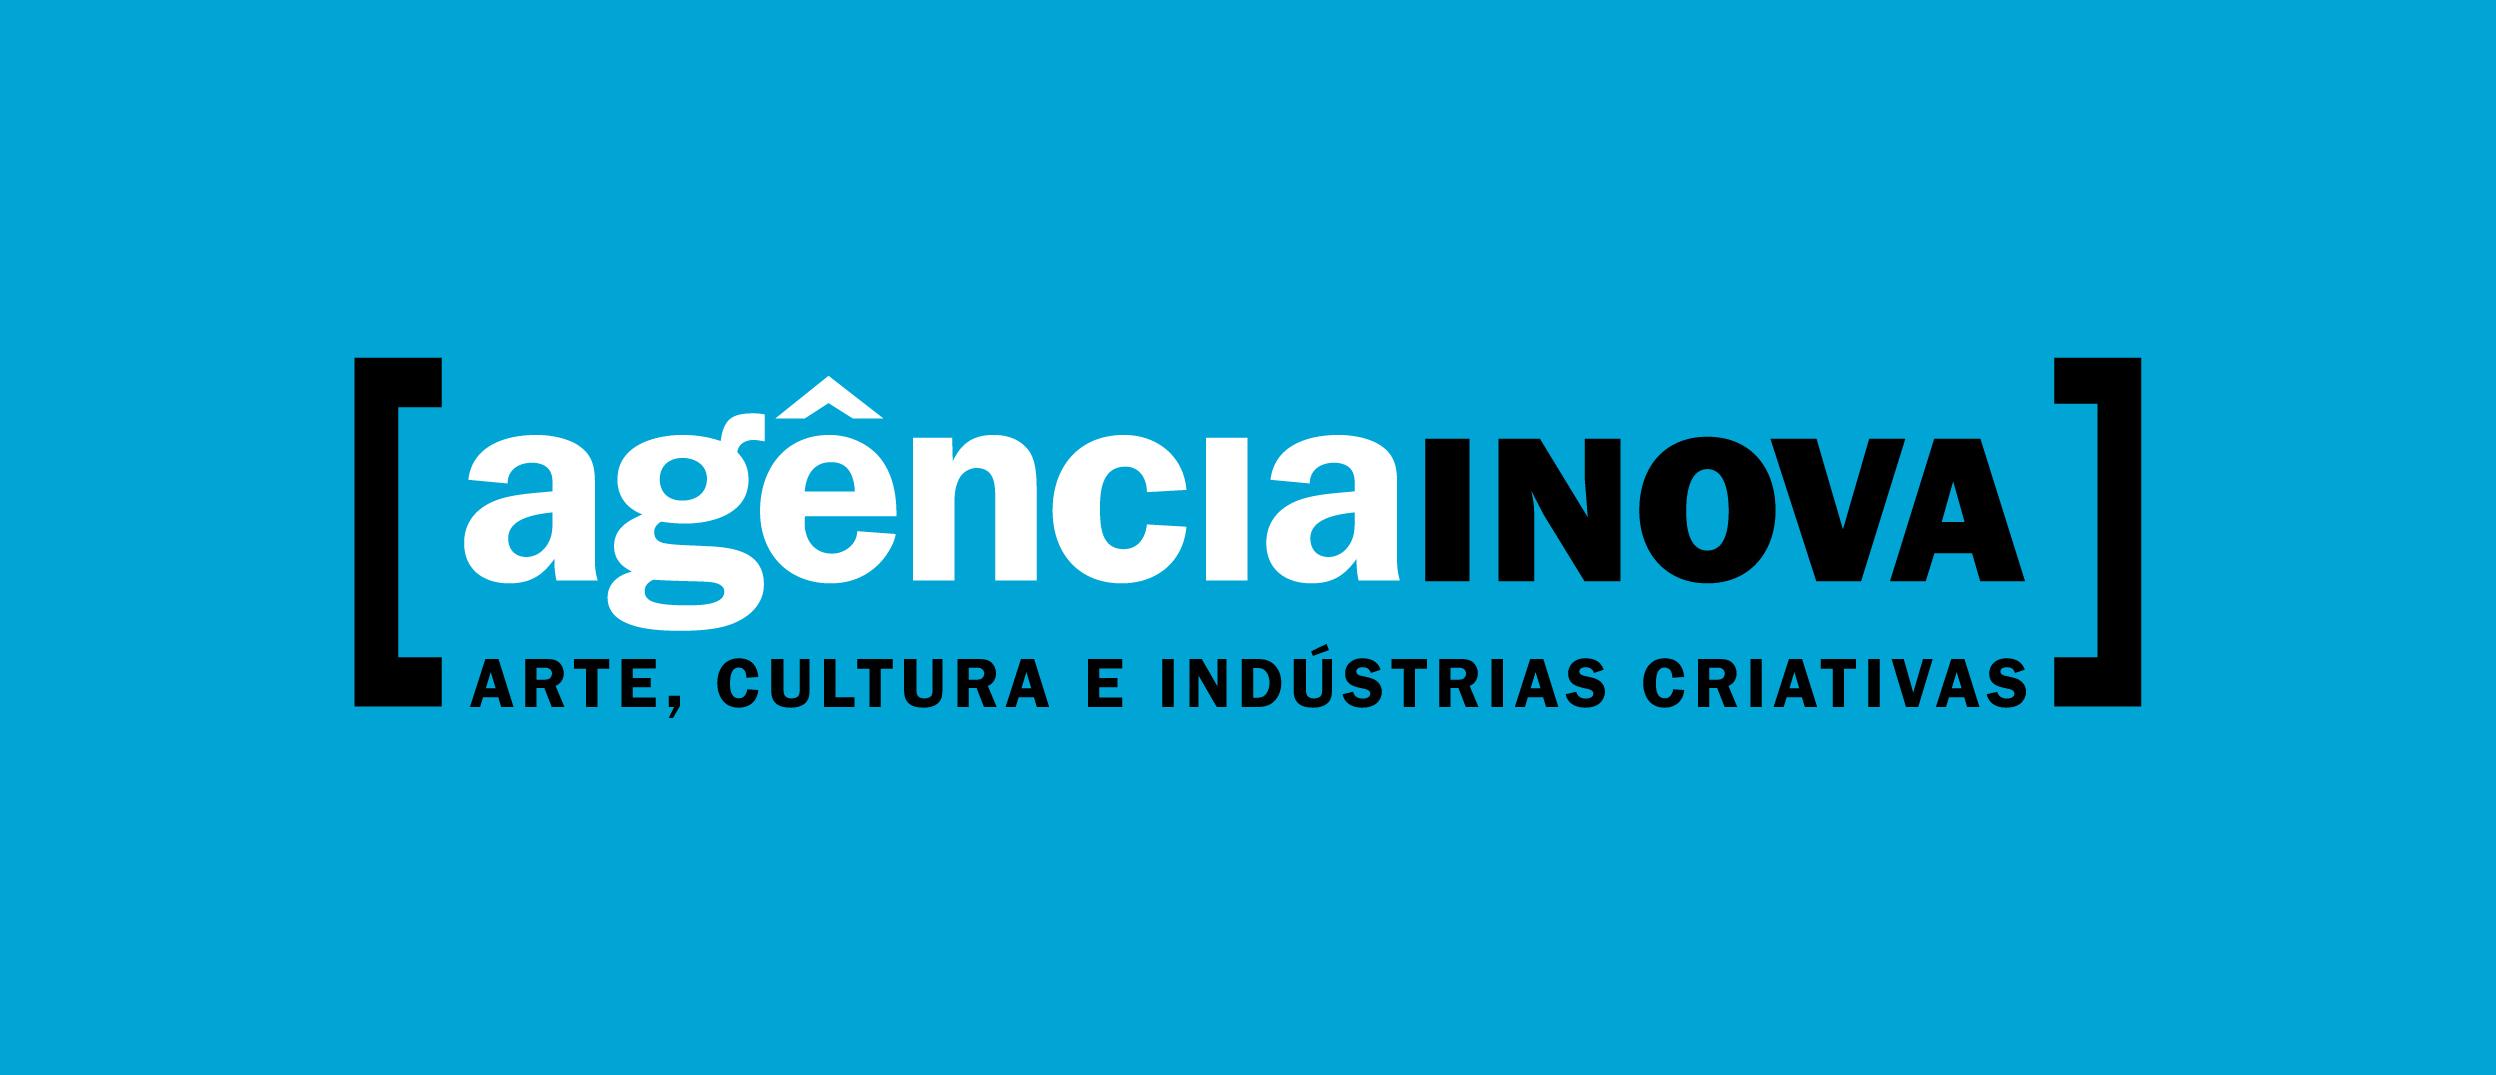 INOVA - Associação para a Cultura e Criatividade